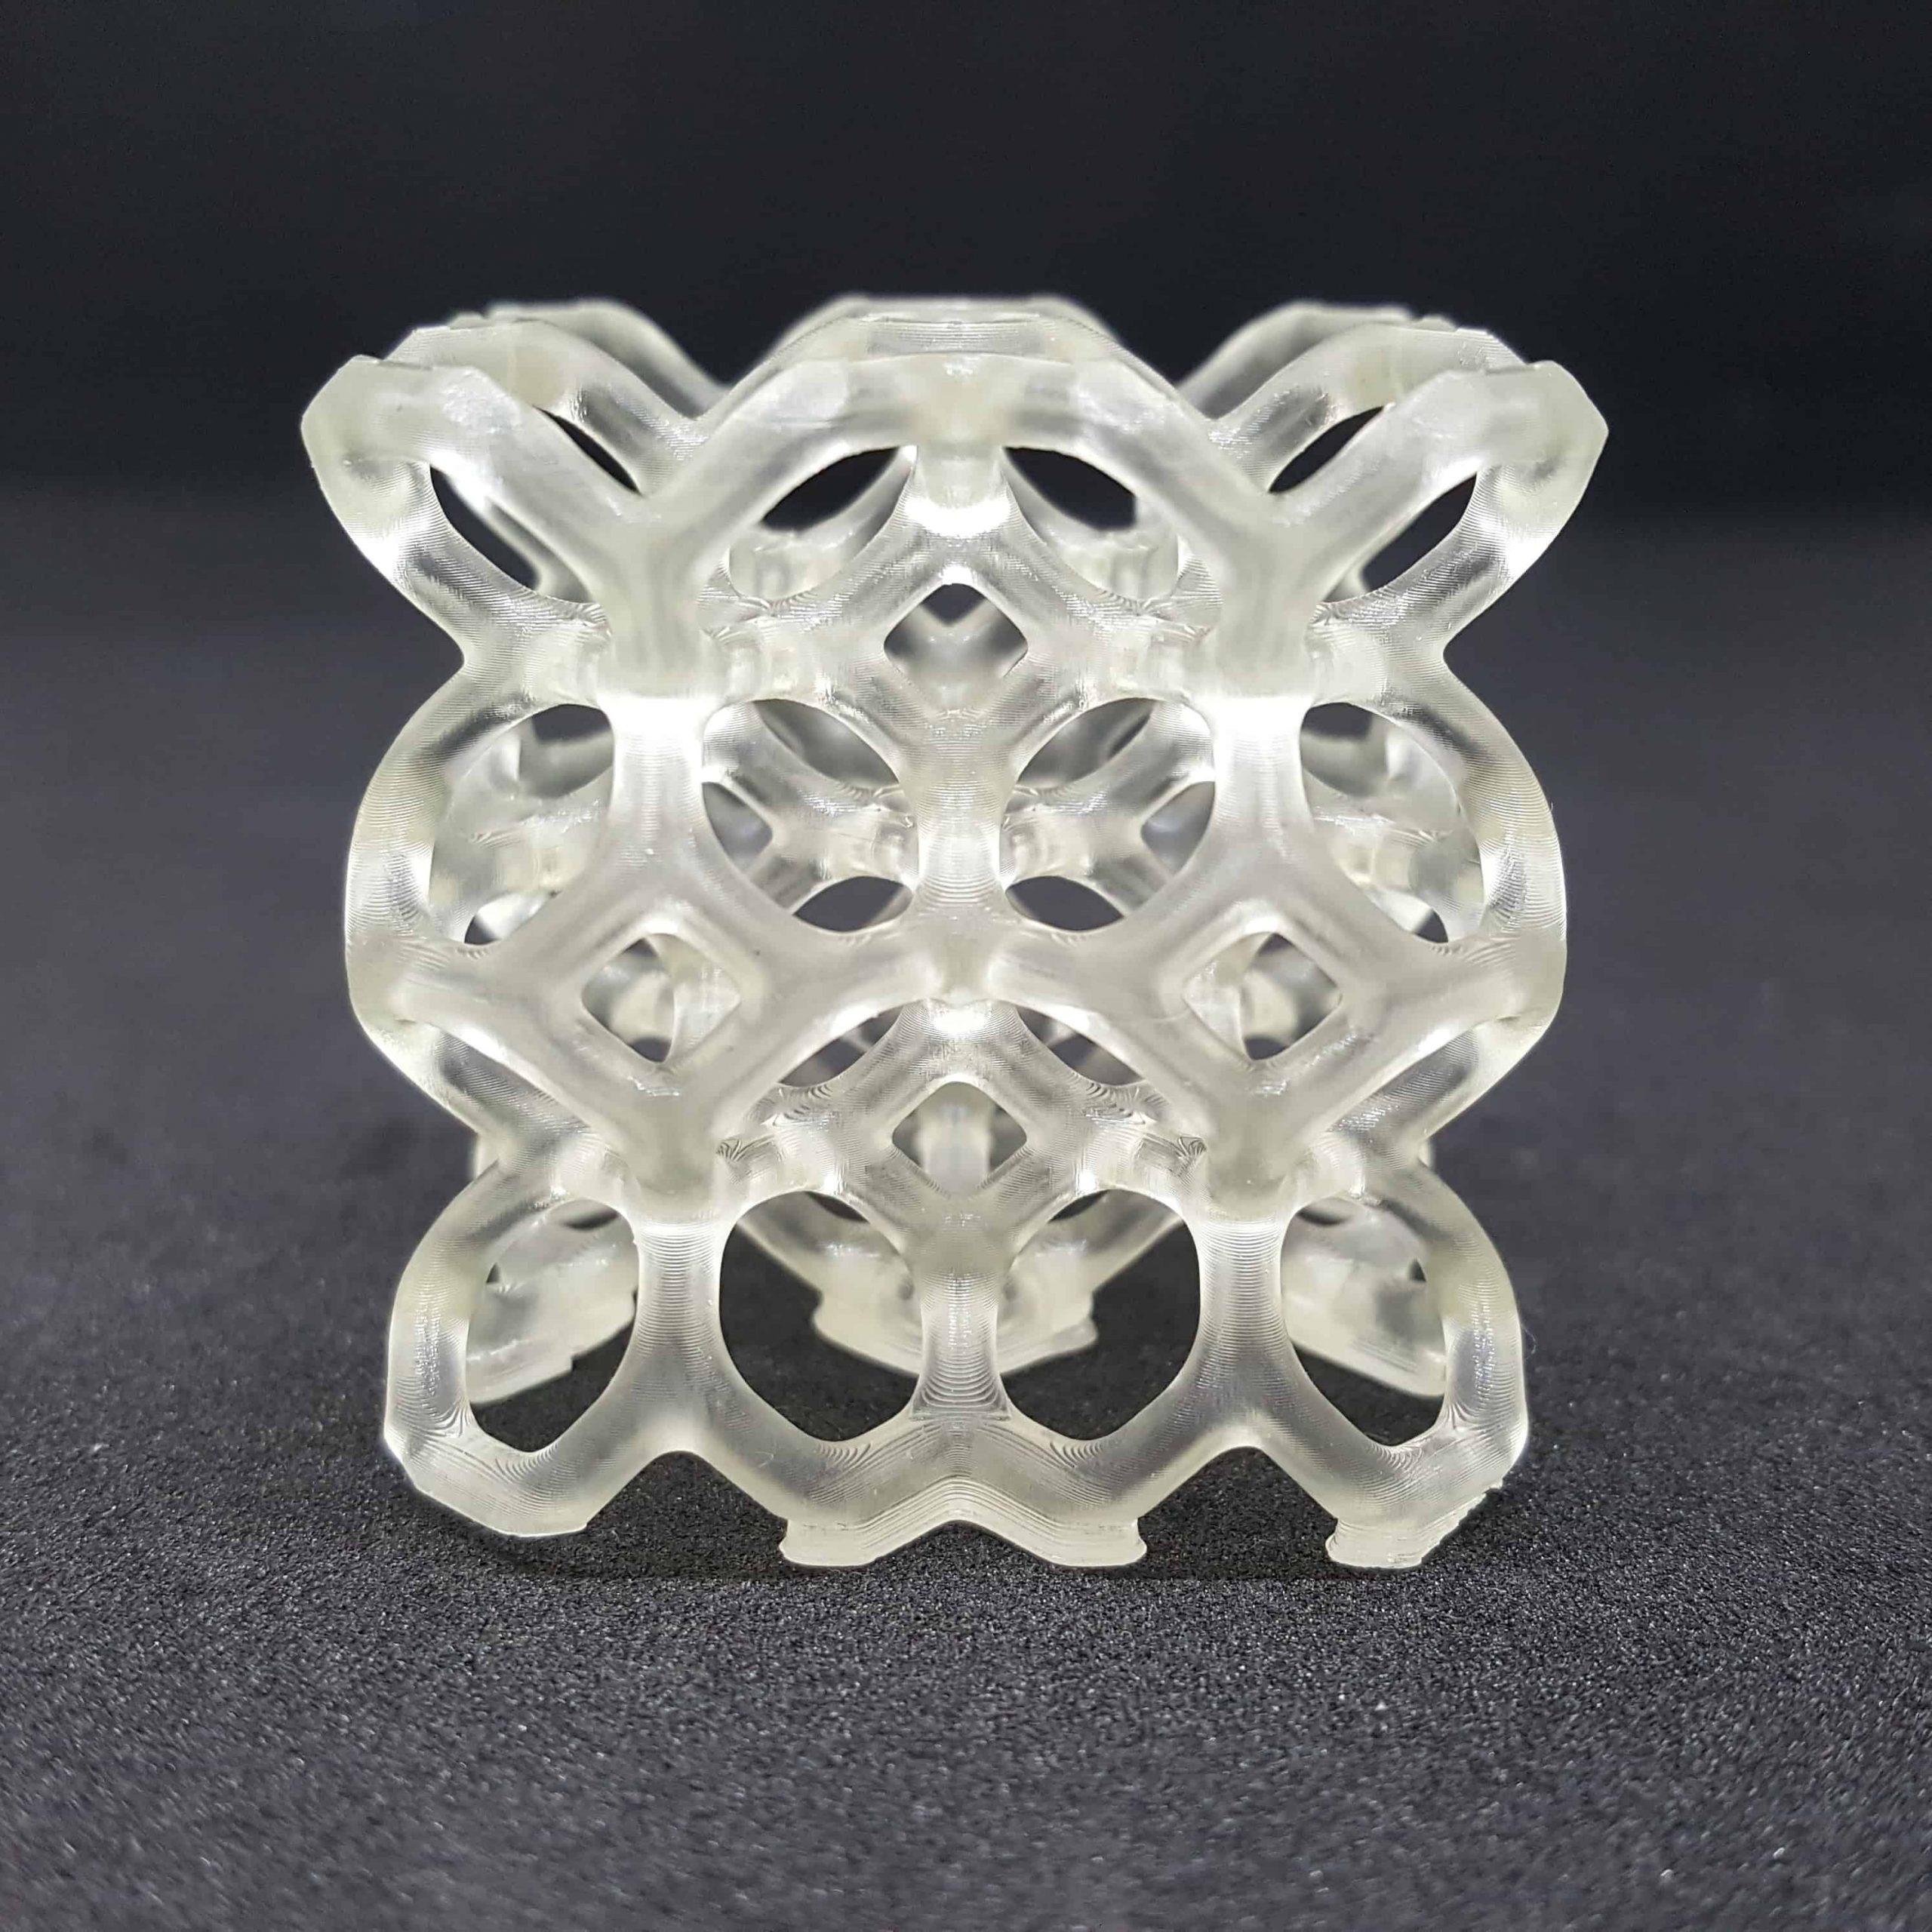 новые материалы для печати Formlabs